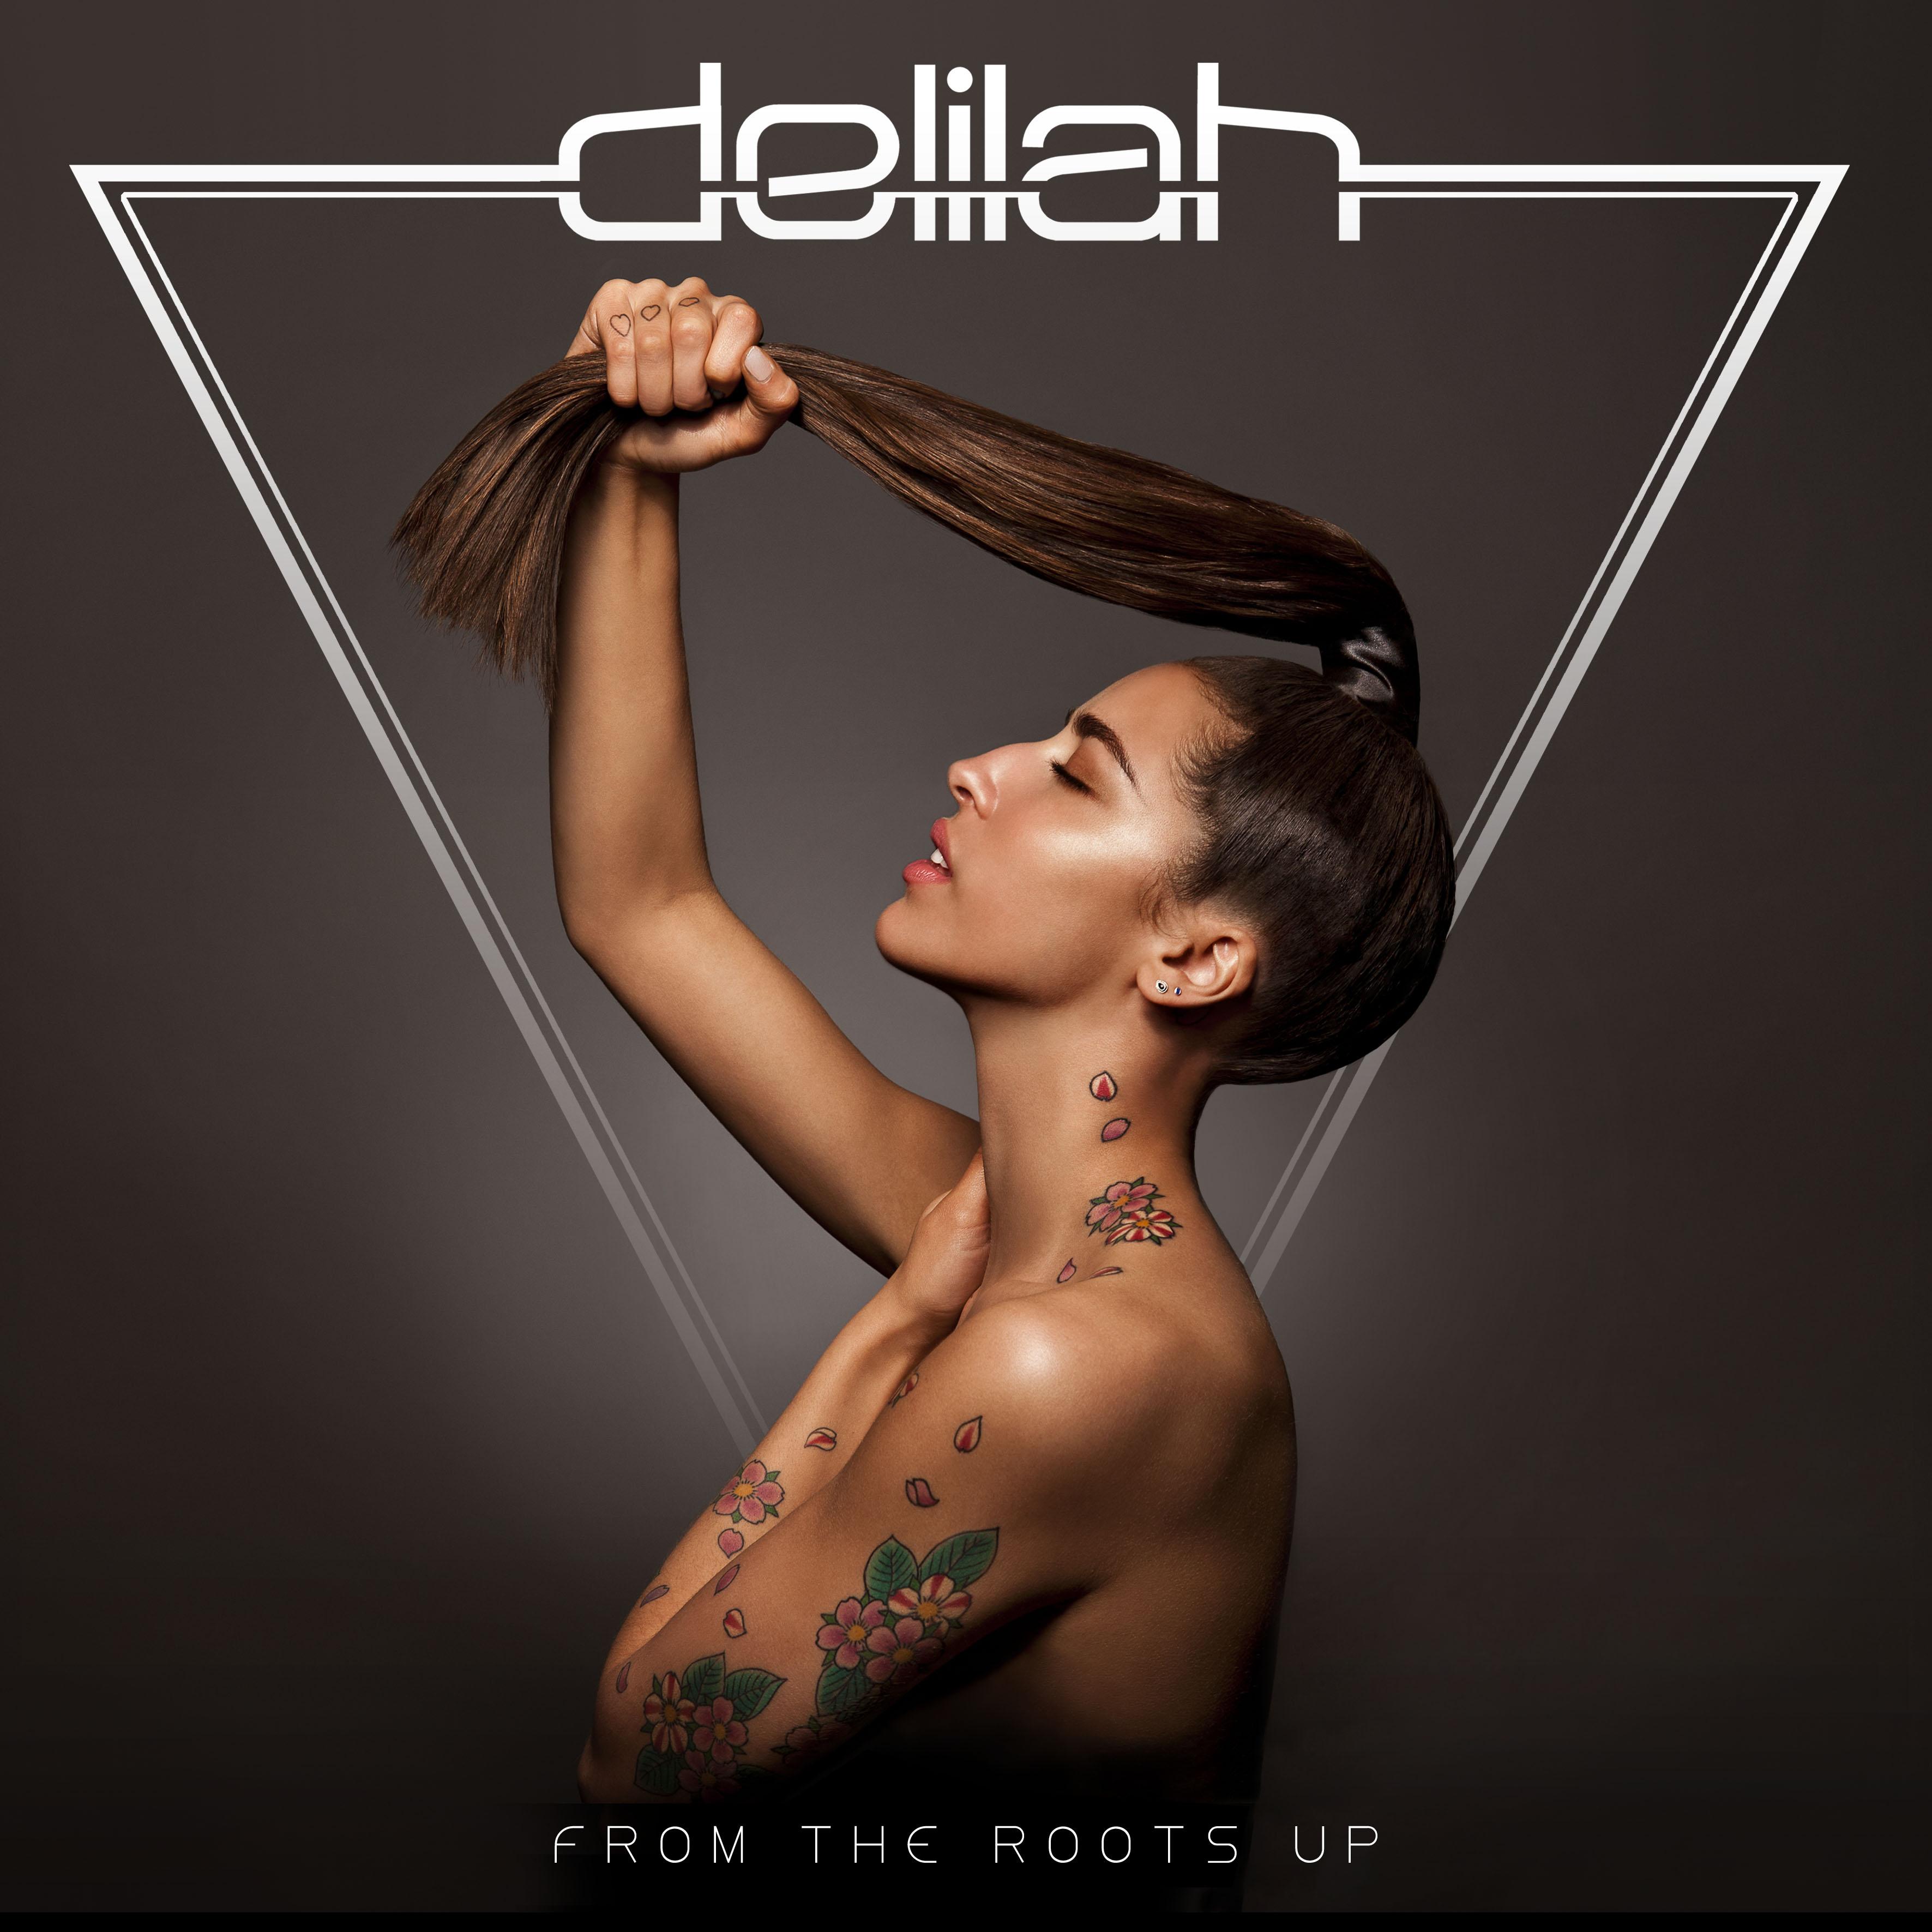 Delilah, 'Breathe', Fiona Garden 2012